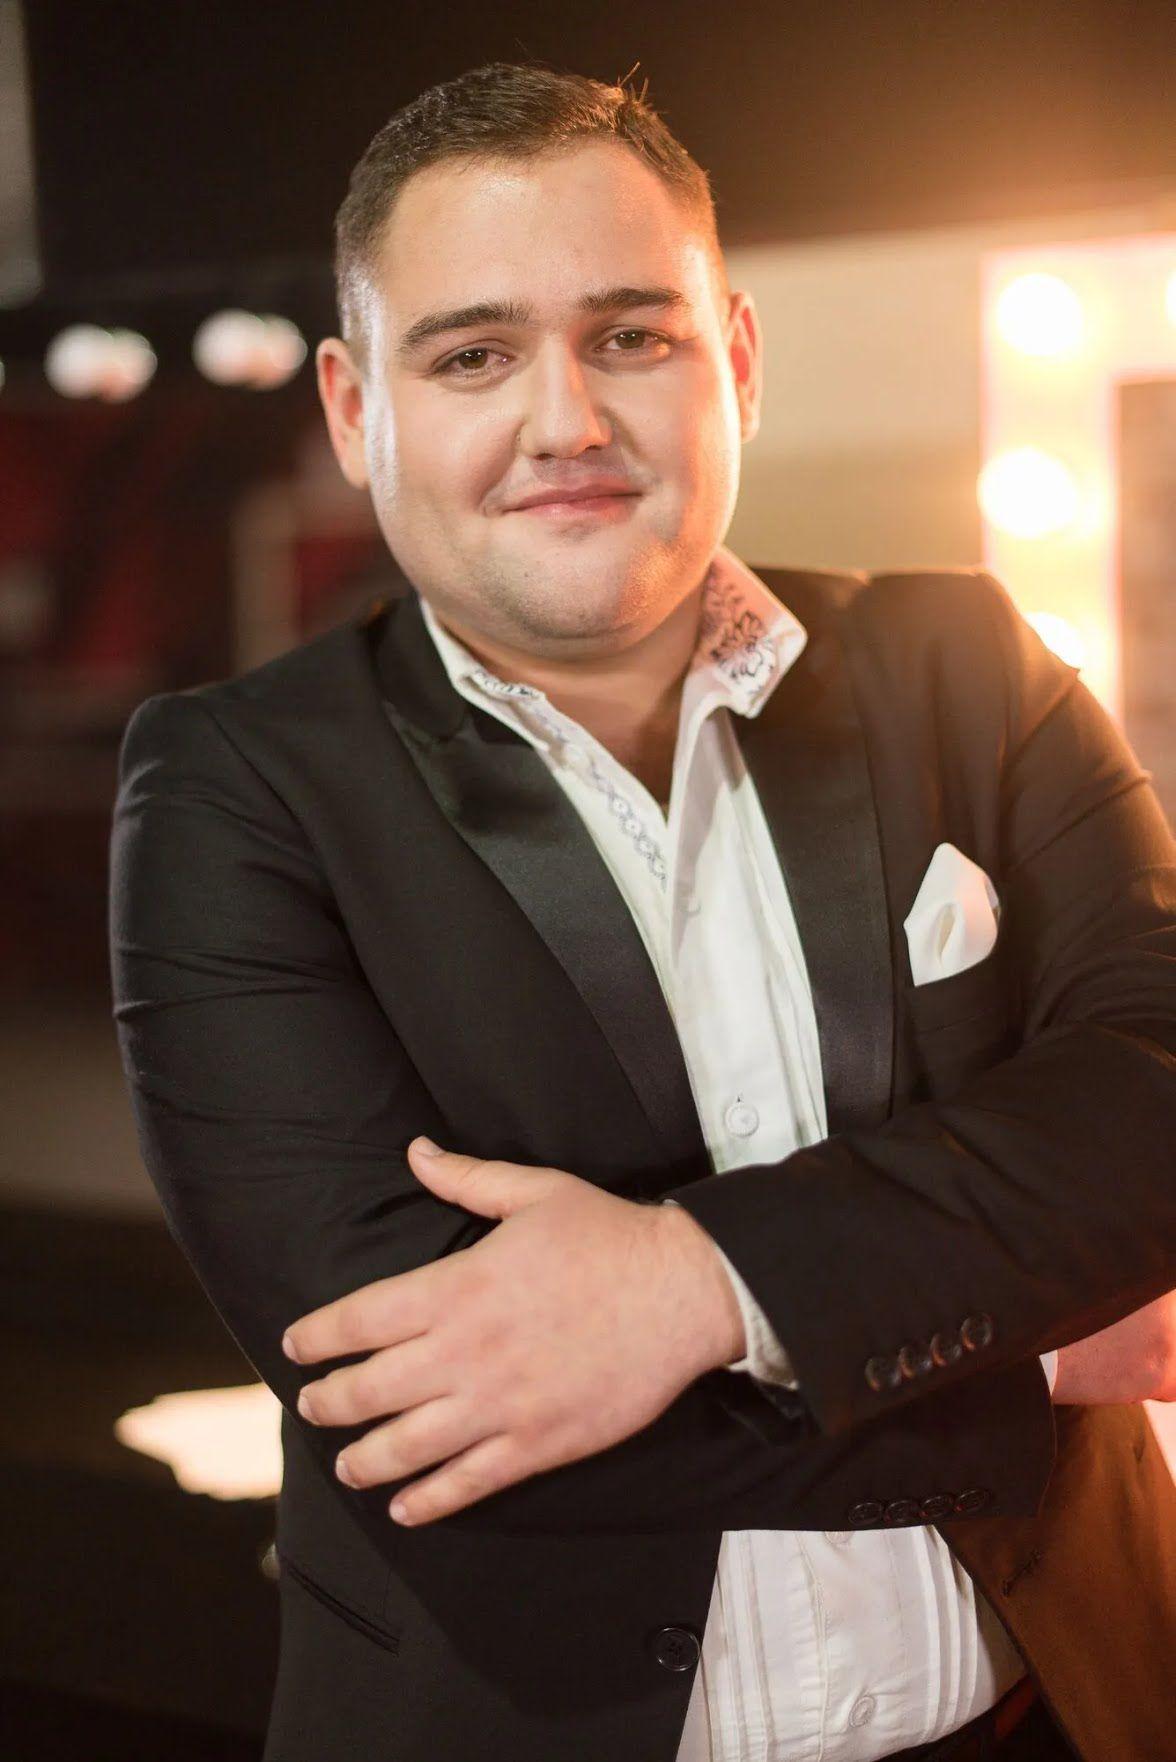 Сергей Нейчев сообщил, какие три песни его самые любимые.